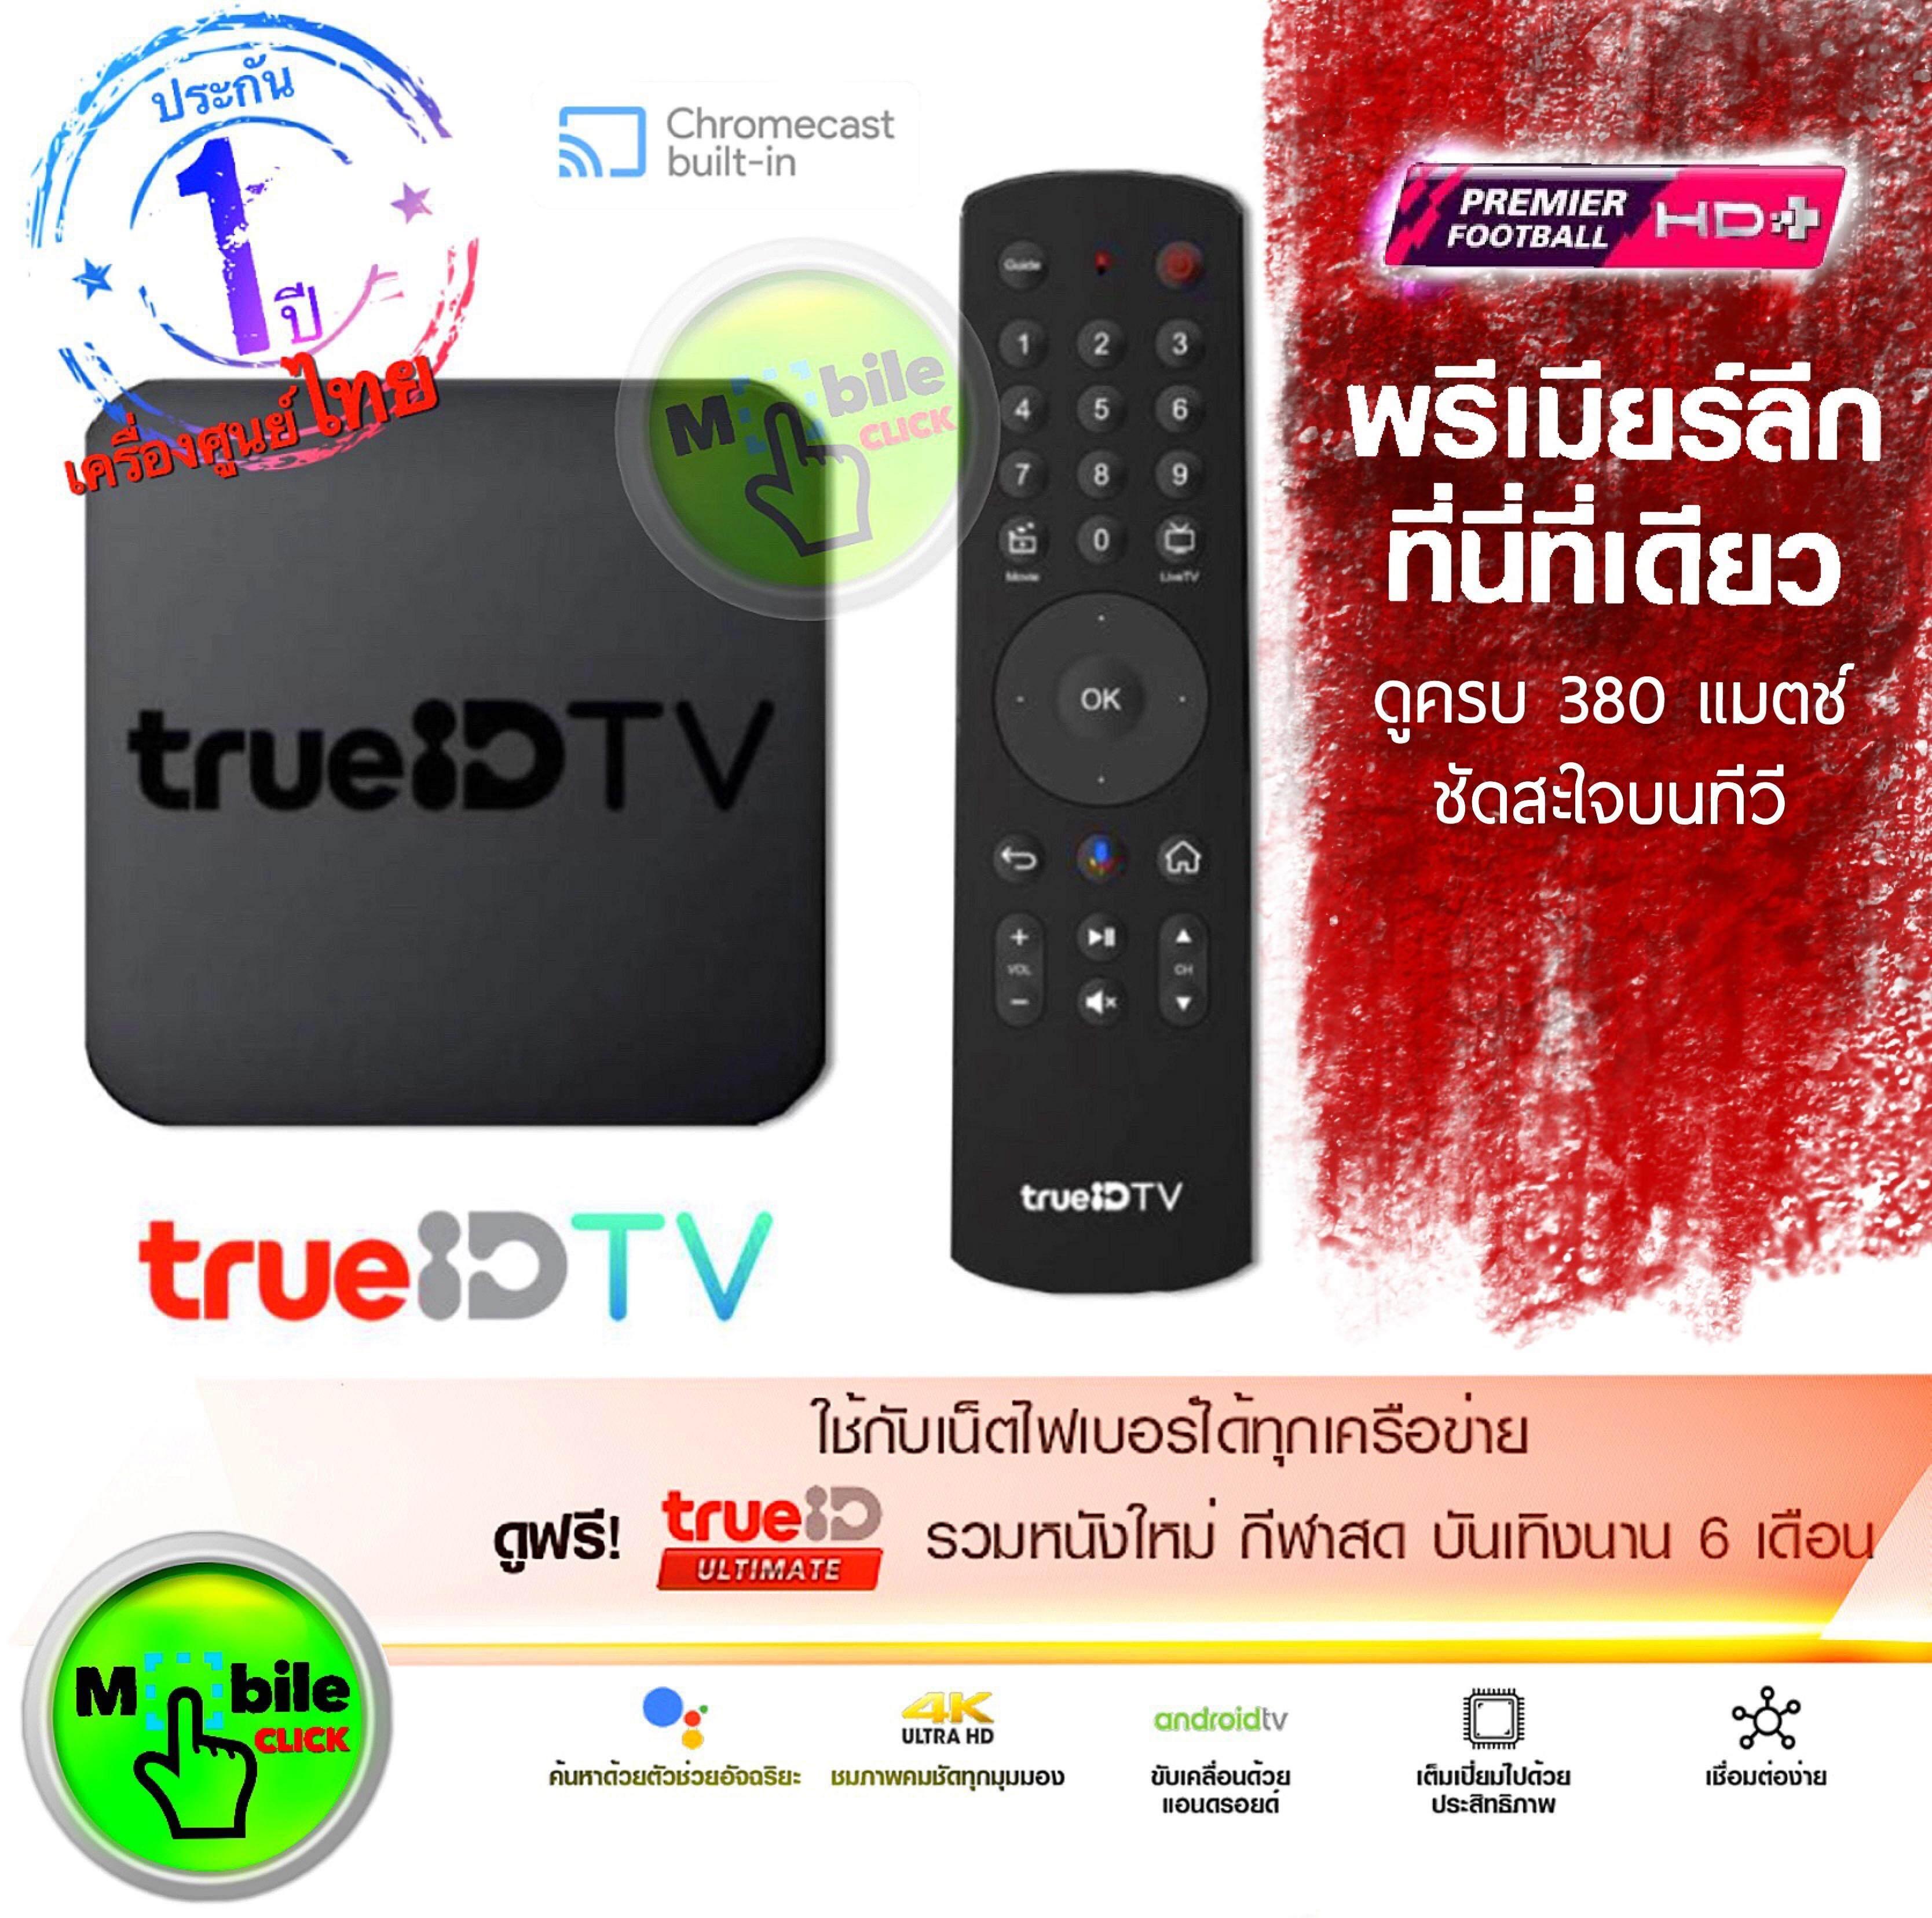 สินเชื่อบุคคลซิตี้  แม่ฮ่องสอน ดูบอลพรีเมียร์ ดูหนังด้วย กล่องทรูไอดี ทีวี(TrueID TV) สุดยอด Android TV Box